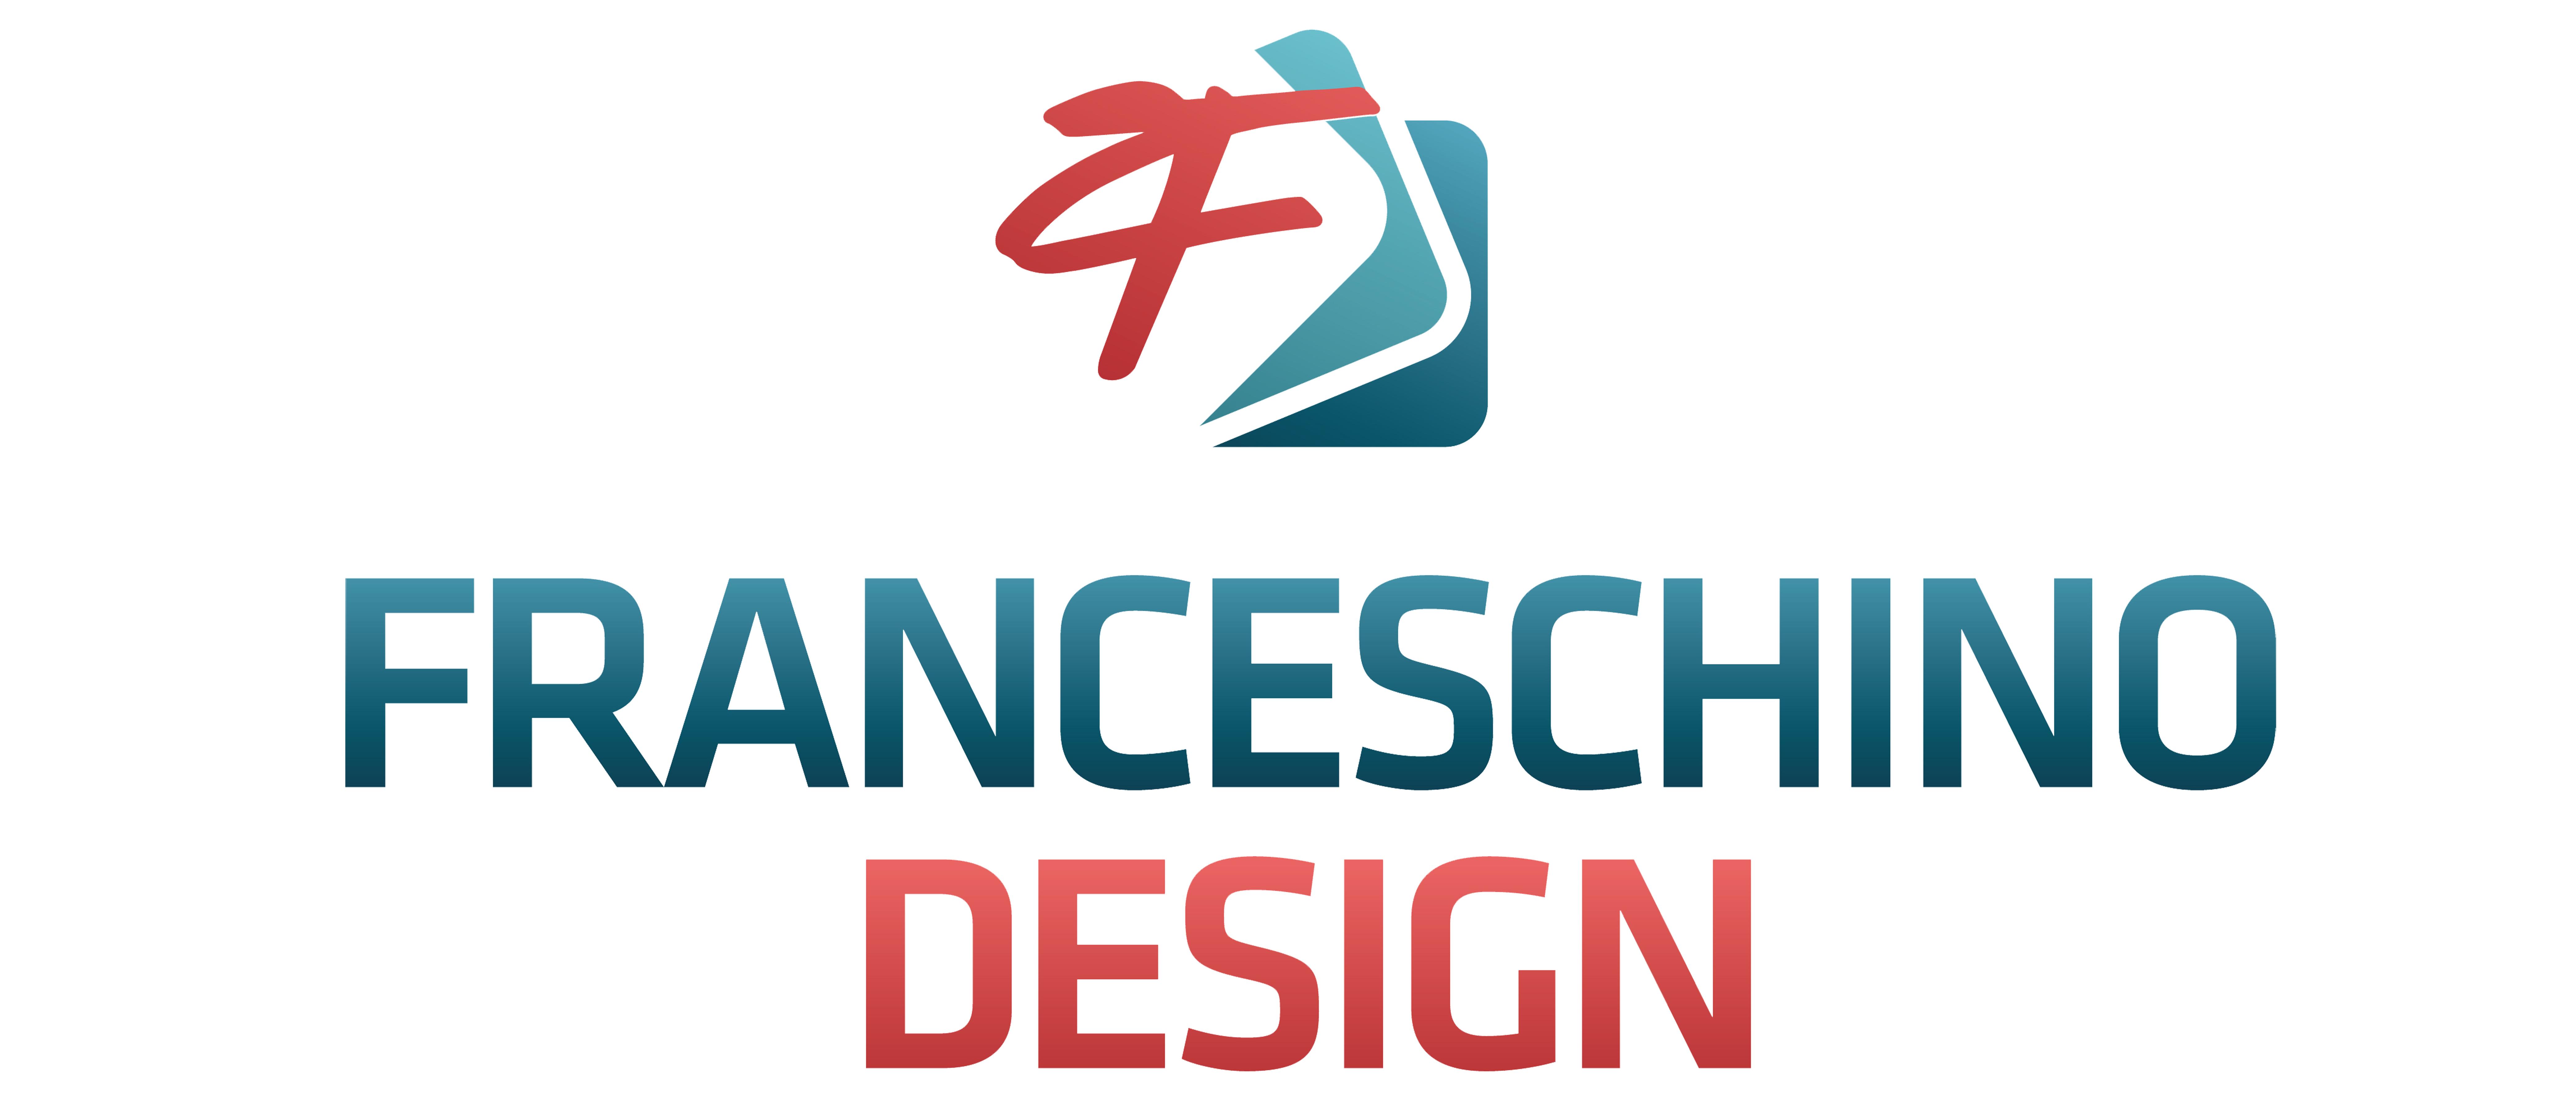 Franceschino Design